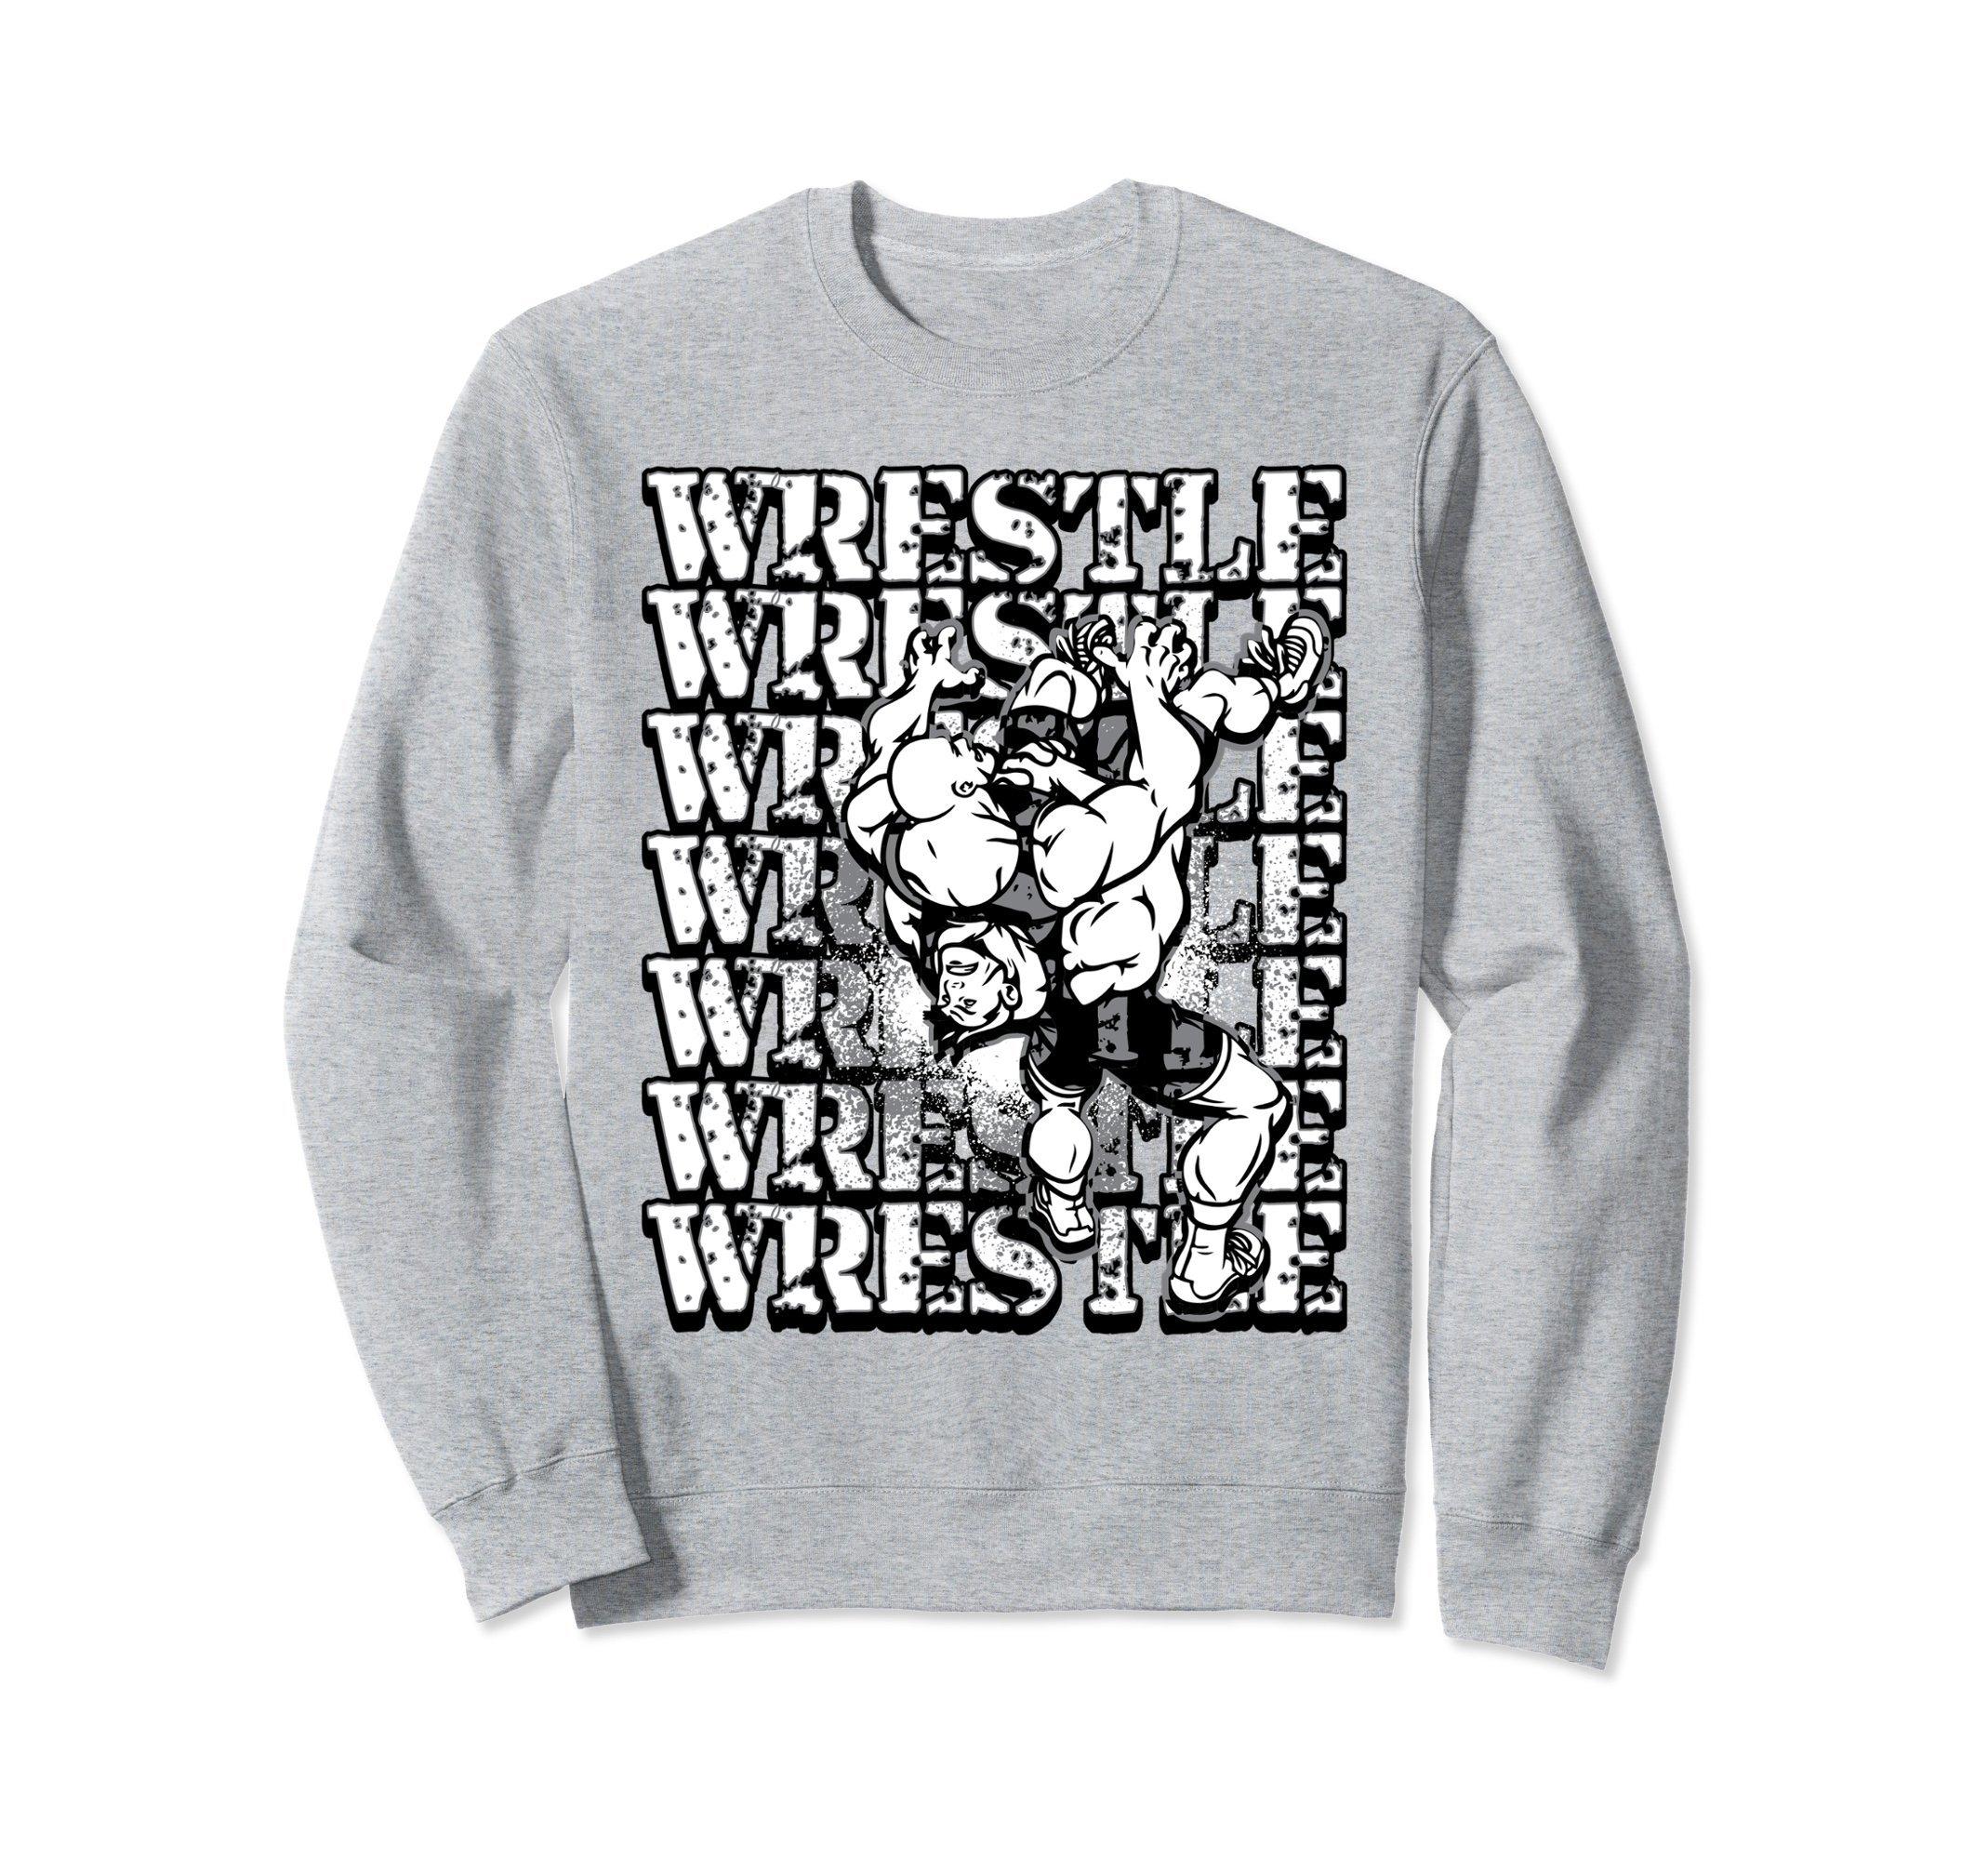 Unisex Wrestling Sweatshirt - Wrestle Wrestle Wrestle Sweater Small Heather Grey